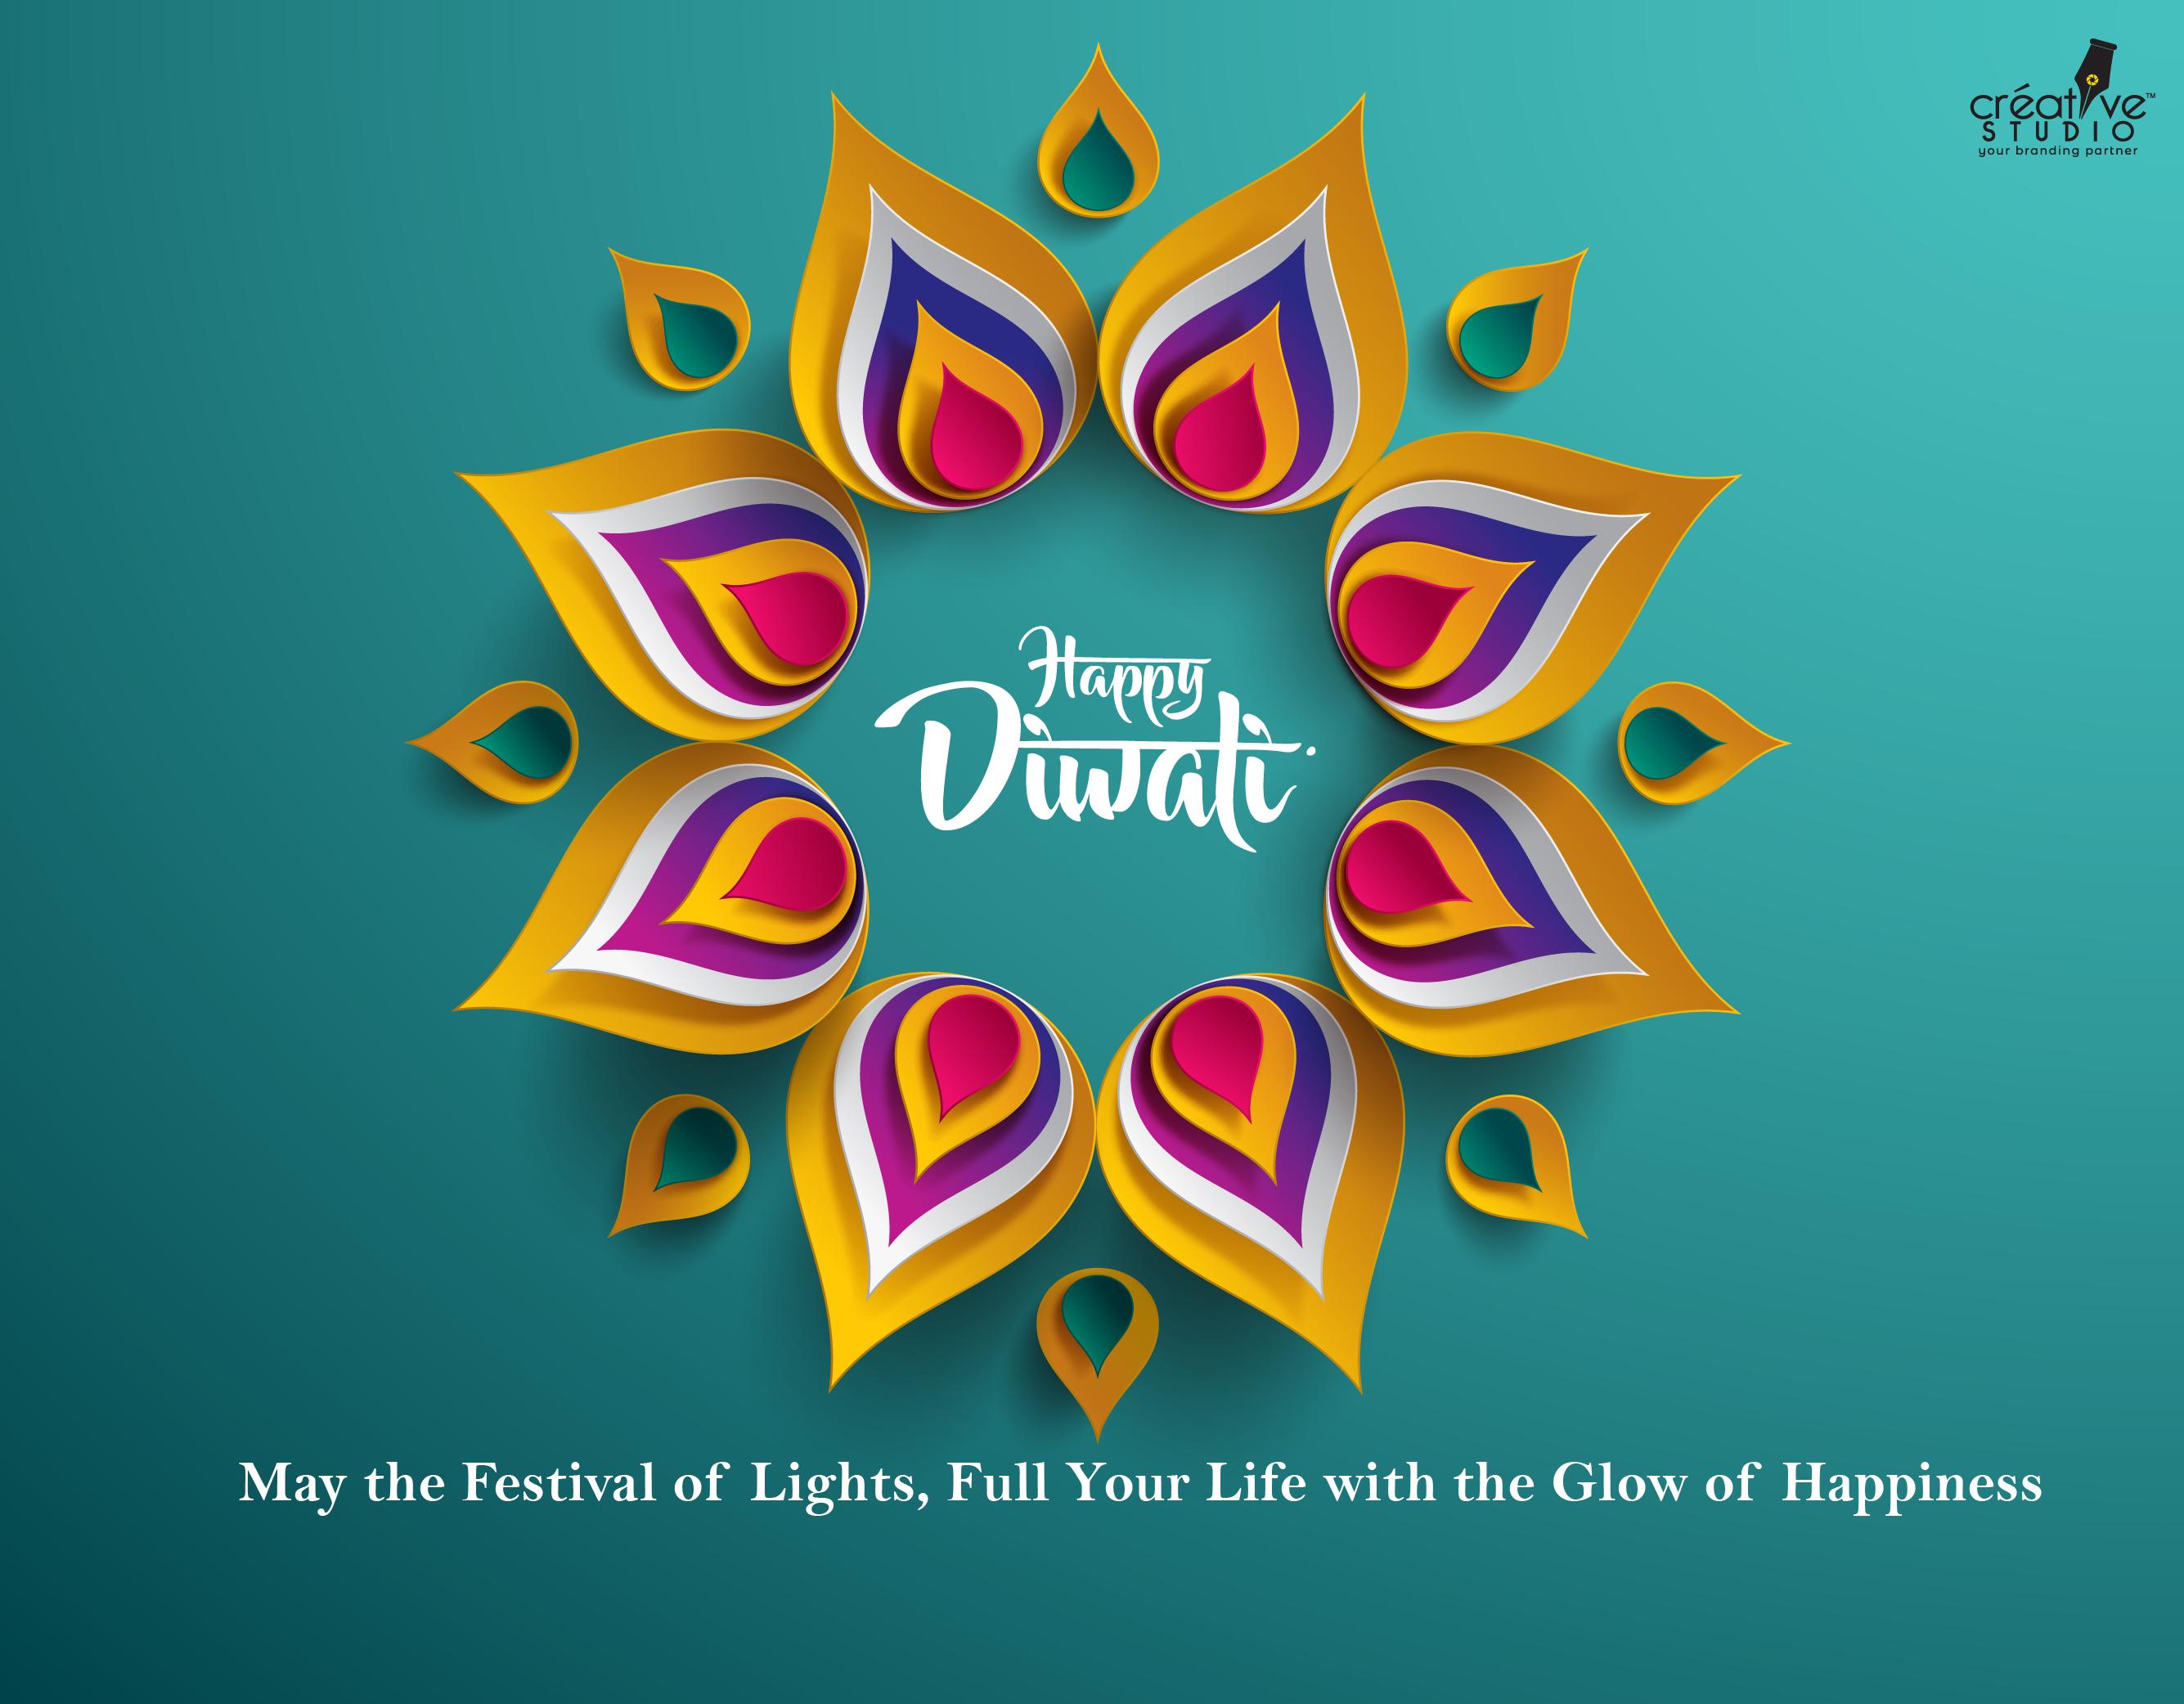 diwali 05 - Happy Diwali